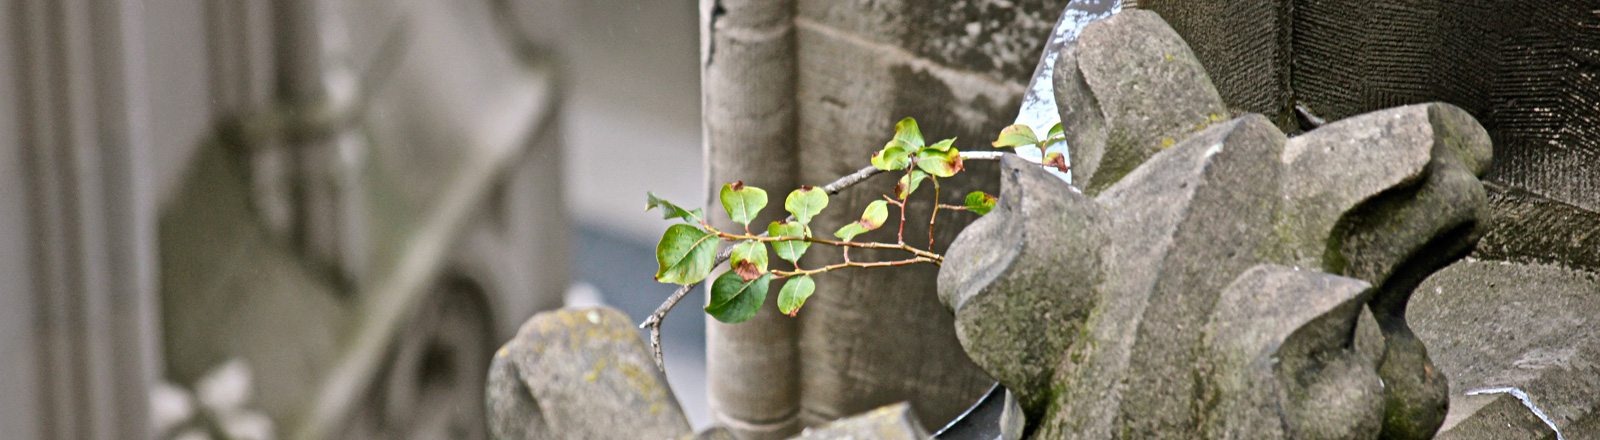 Blick auf eine Figur am Dom von oben. Seitlich wächst ein kleiner Baum.